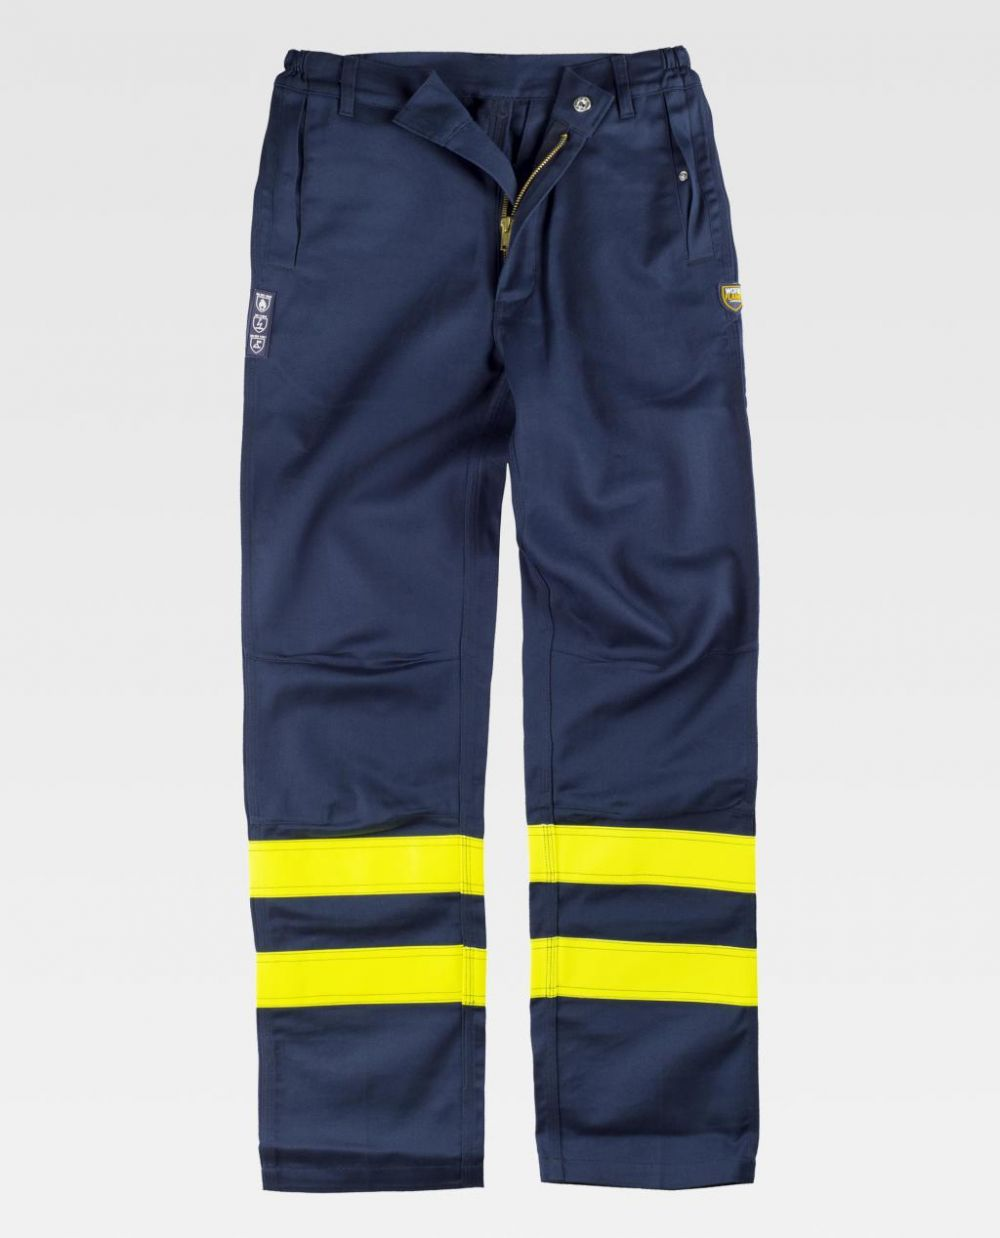 Pantalones reflectantes workteam soldador de algodon vista 1